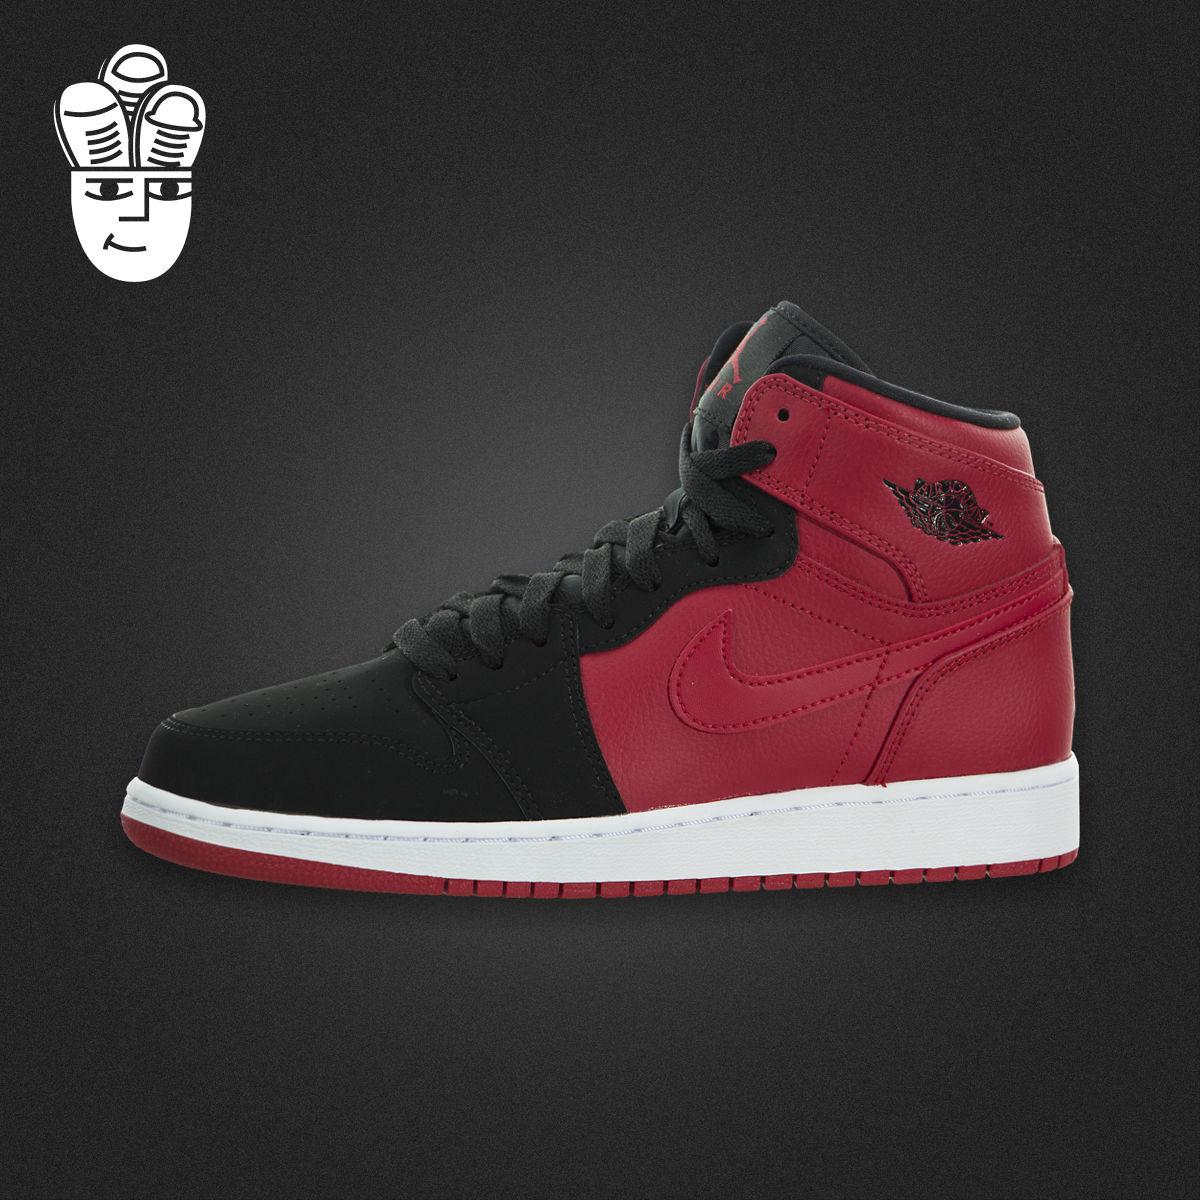 Air Jordan 1 Retro Hi AJ1男鞋女鞋GS 高帮休闲板鞋 复古运动鞋